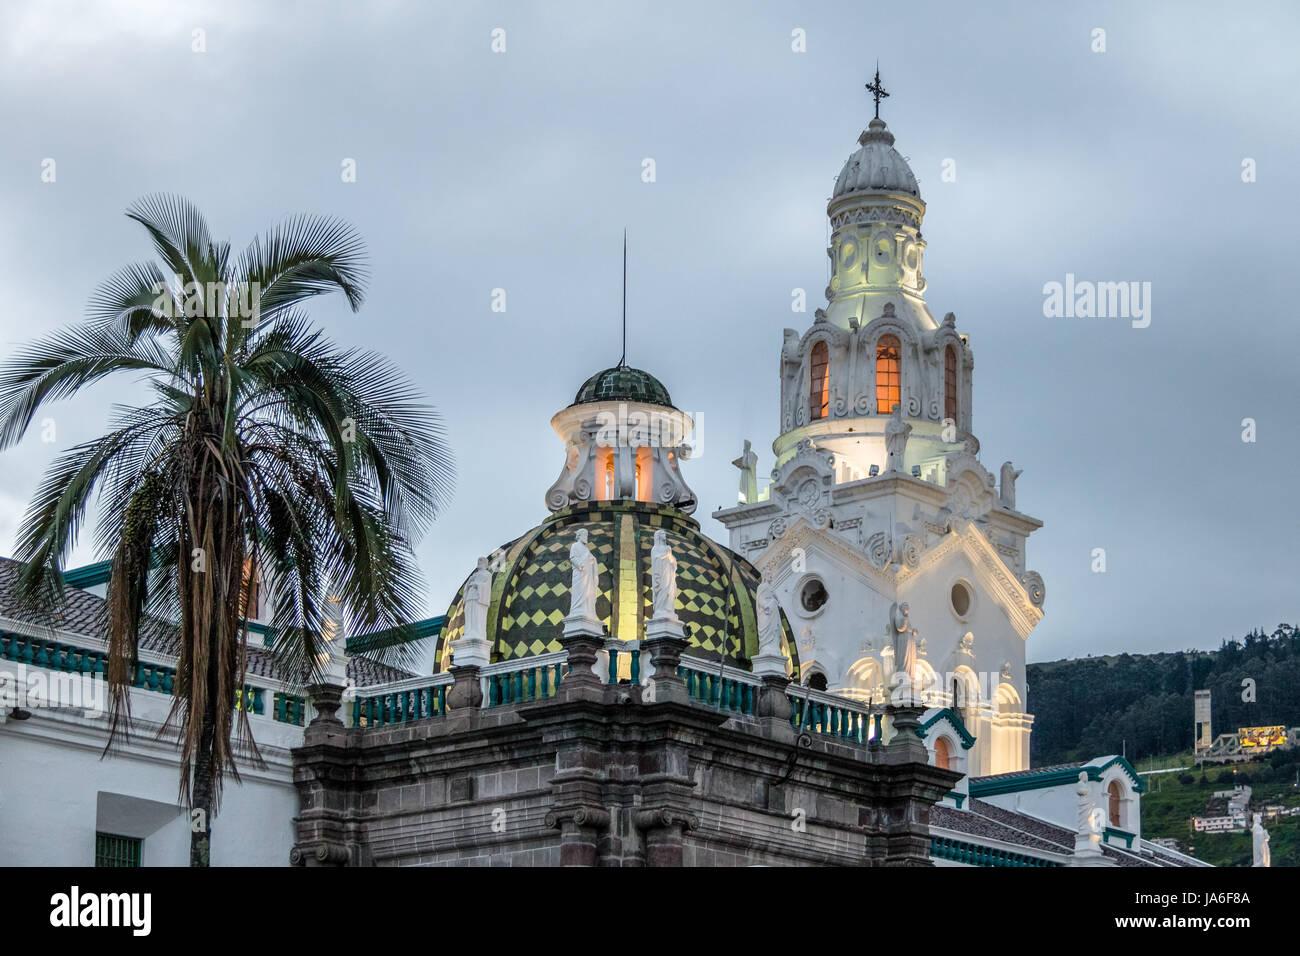 Metropolitan Cathedral - Quito, Ecuador - Stock Image